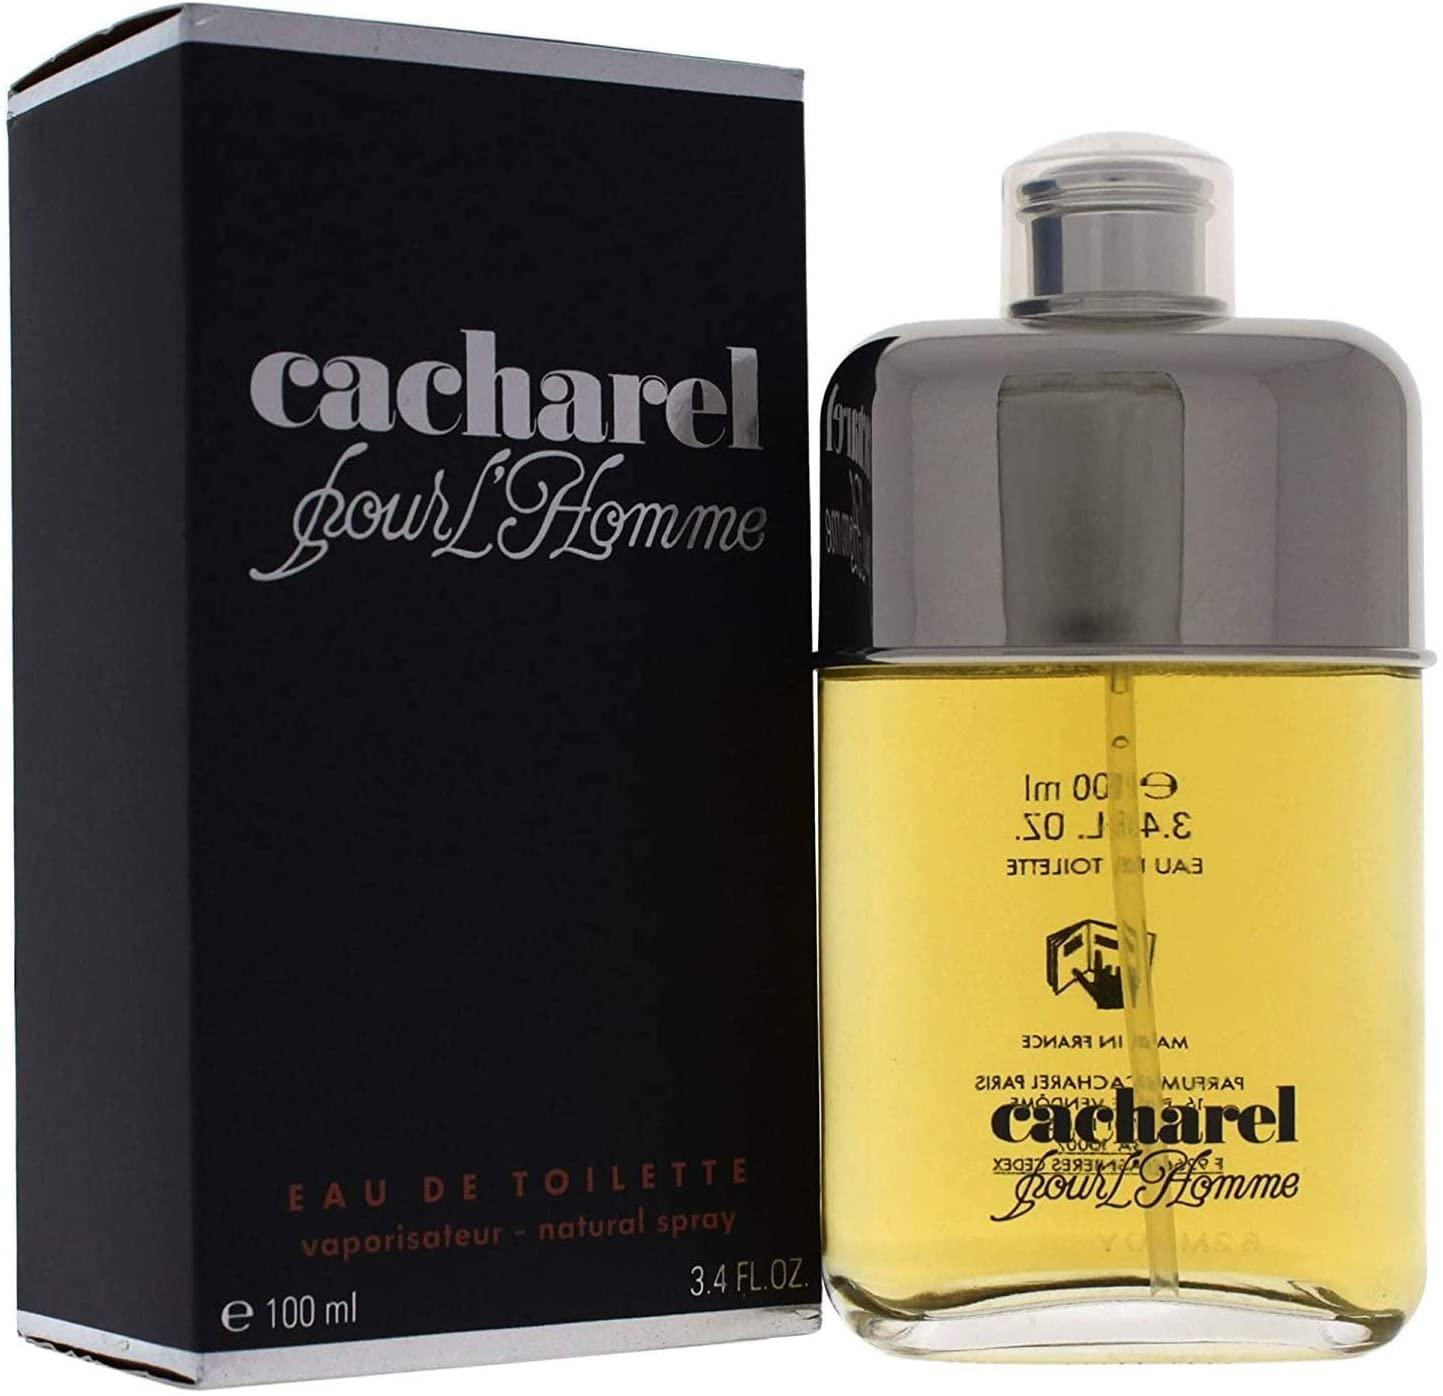 Image of Cacharel Pour Homme - Eau de Toilette - 100 ml